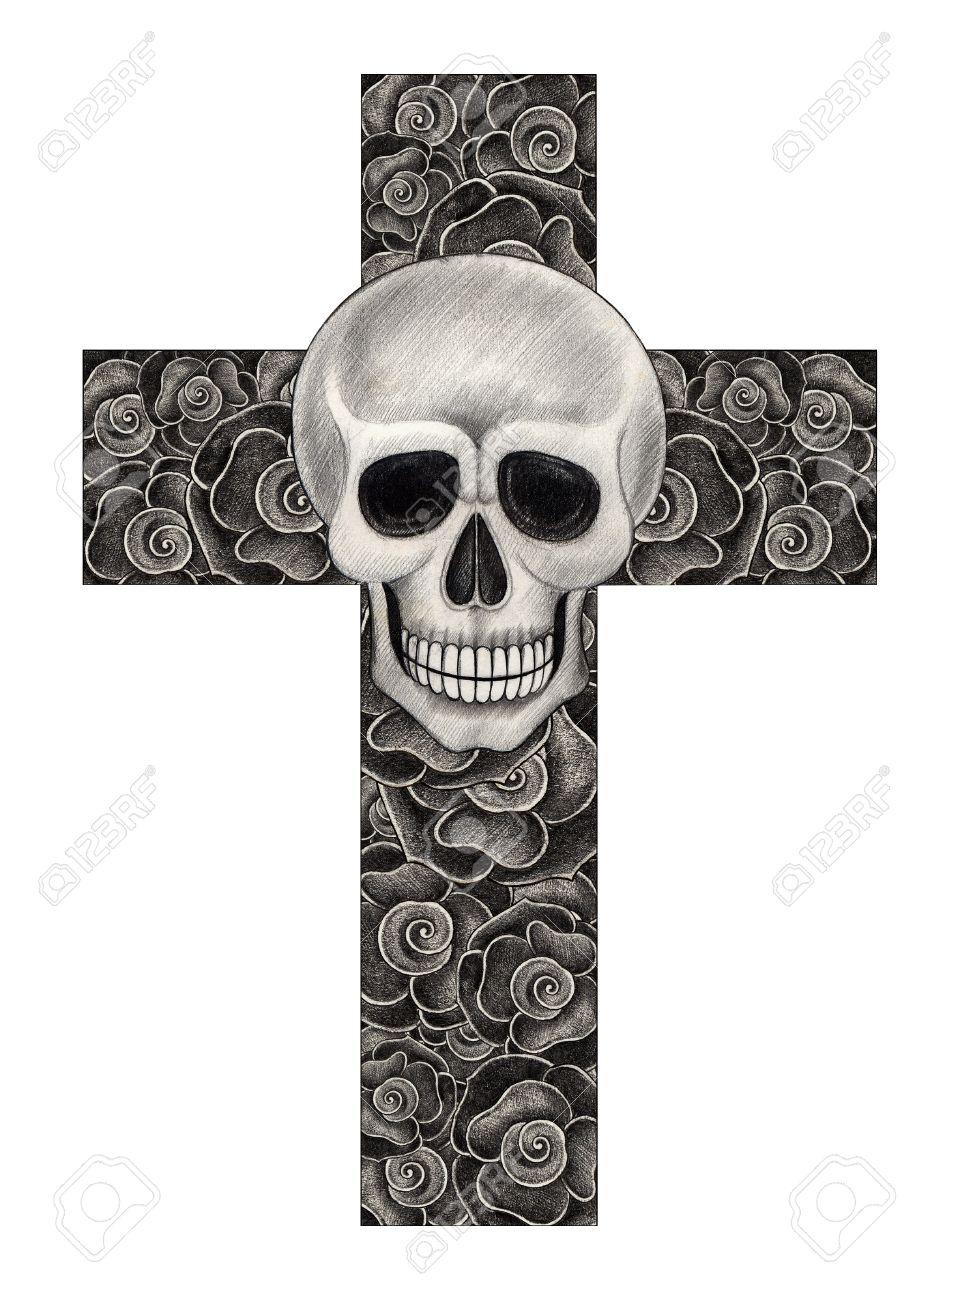 Cráneo Cruz Arte Rosa Dibujo A Lápiz A Mano Sobre Papel Fotos